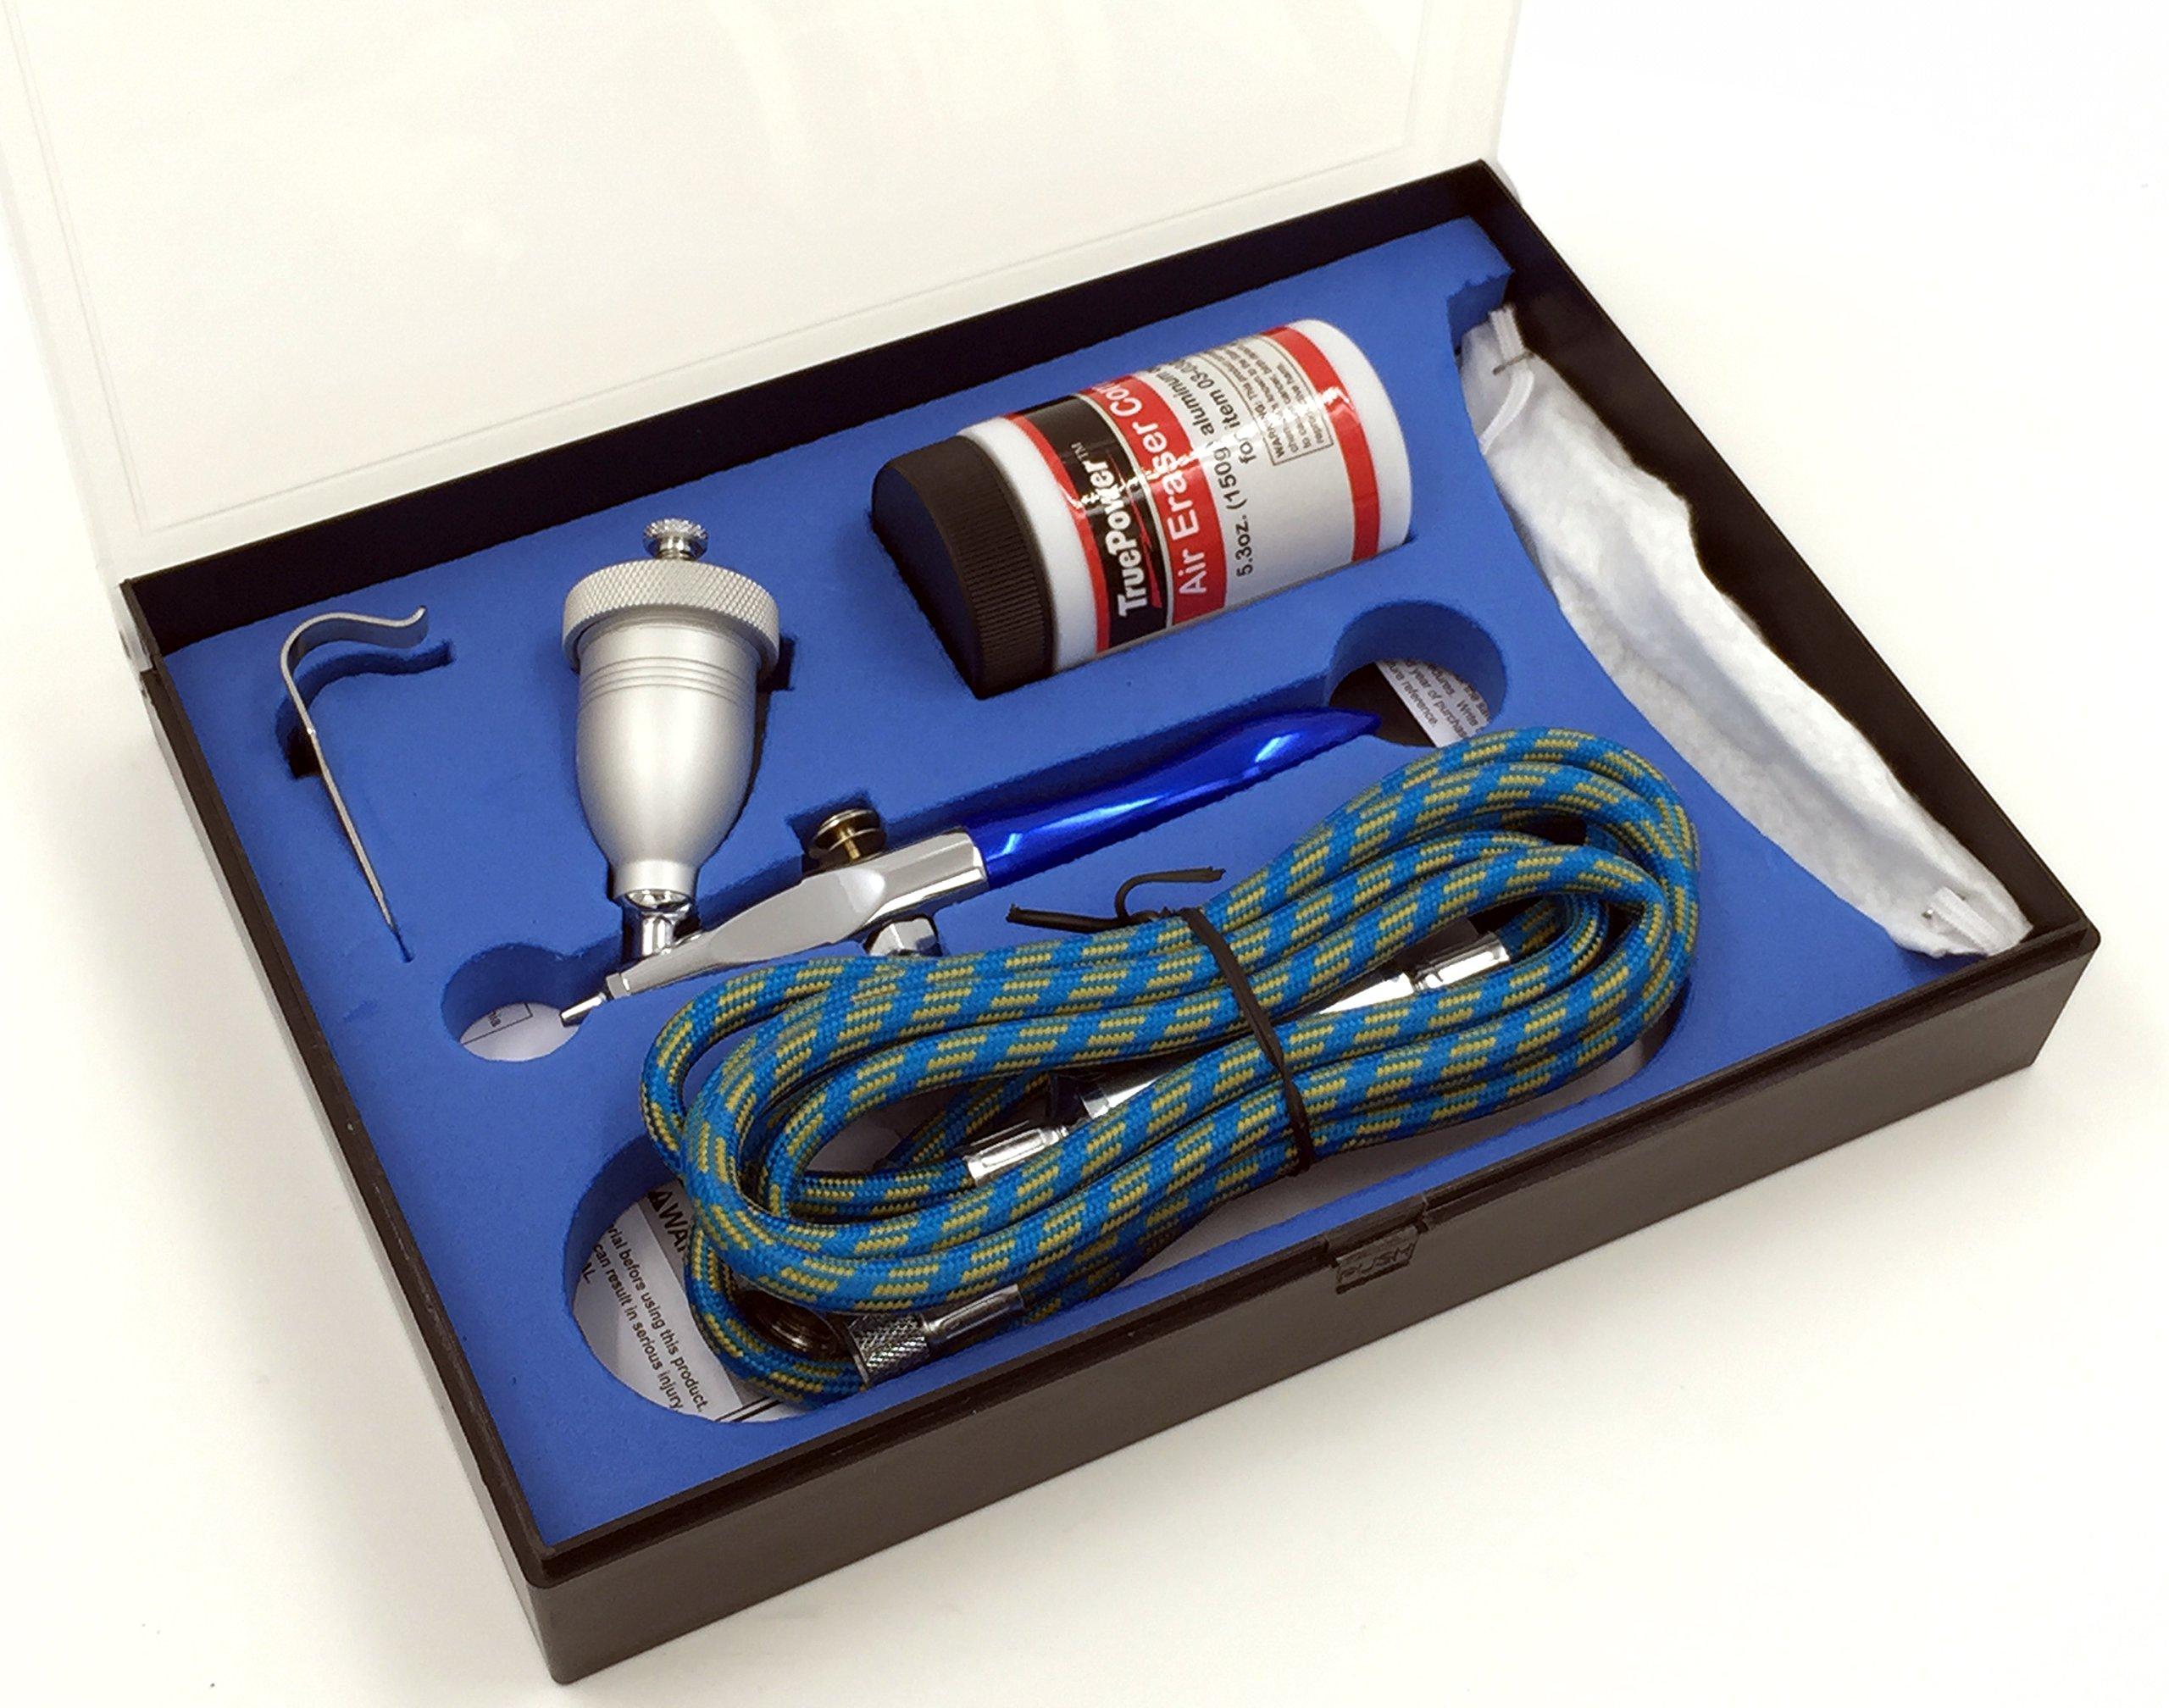 TruePower Air Eraser, Airbrush Sandblaster, Abrasive Sprayer and Glass Etcher Kit